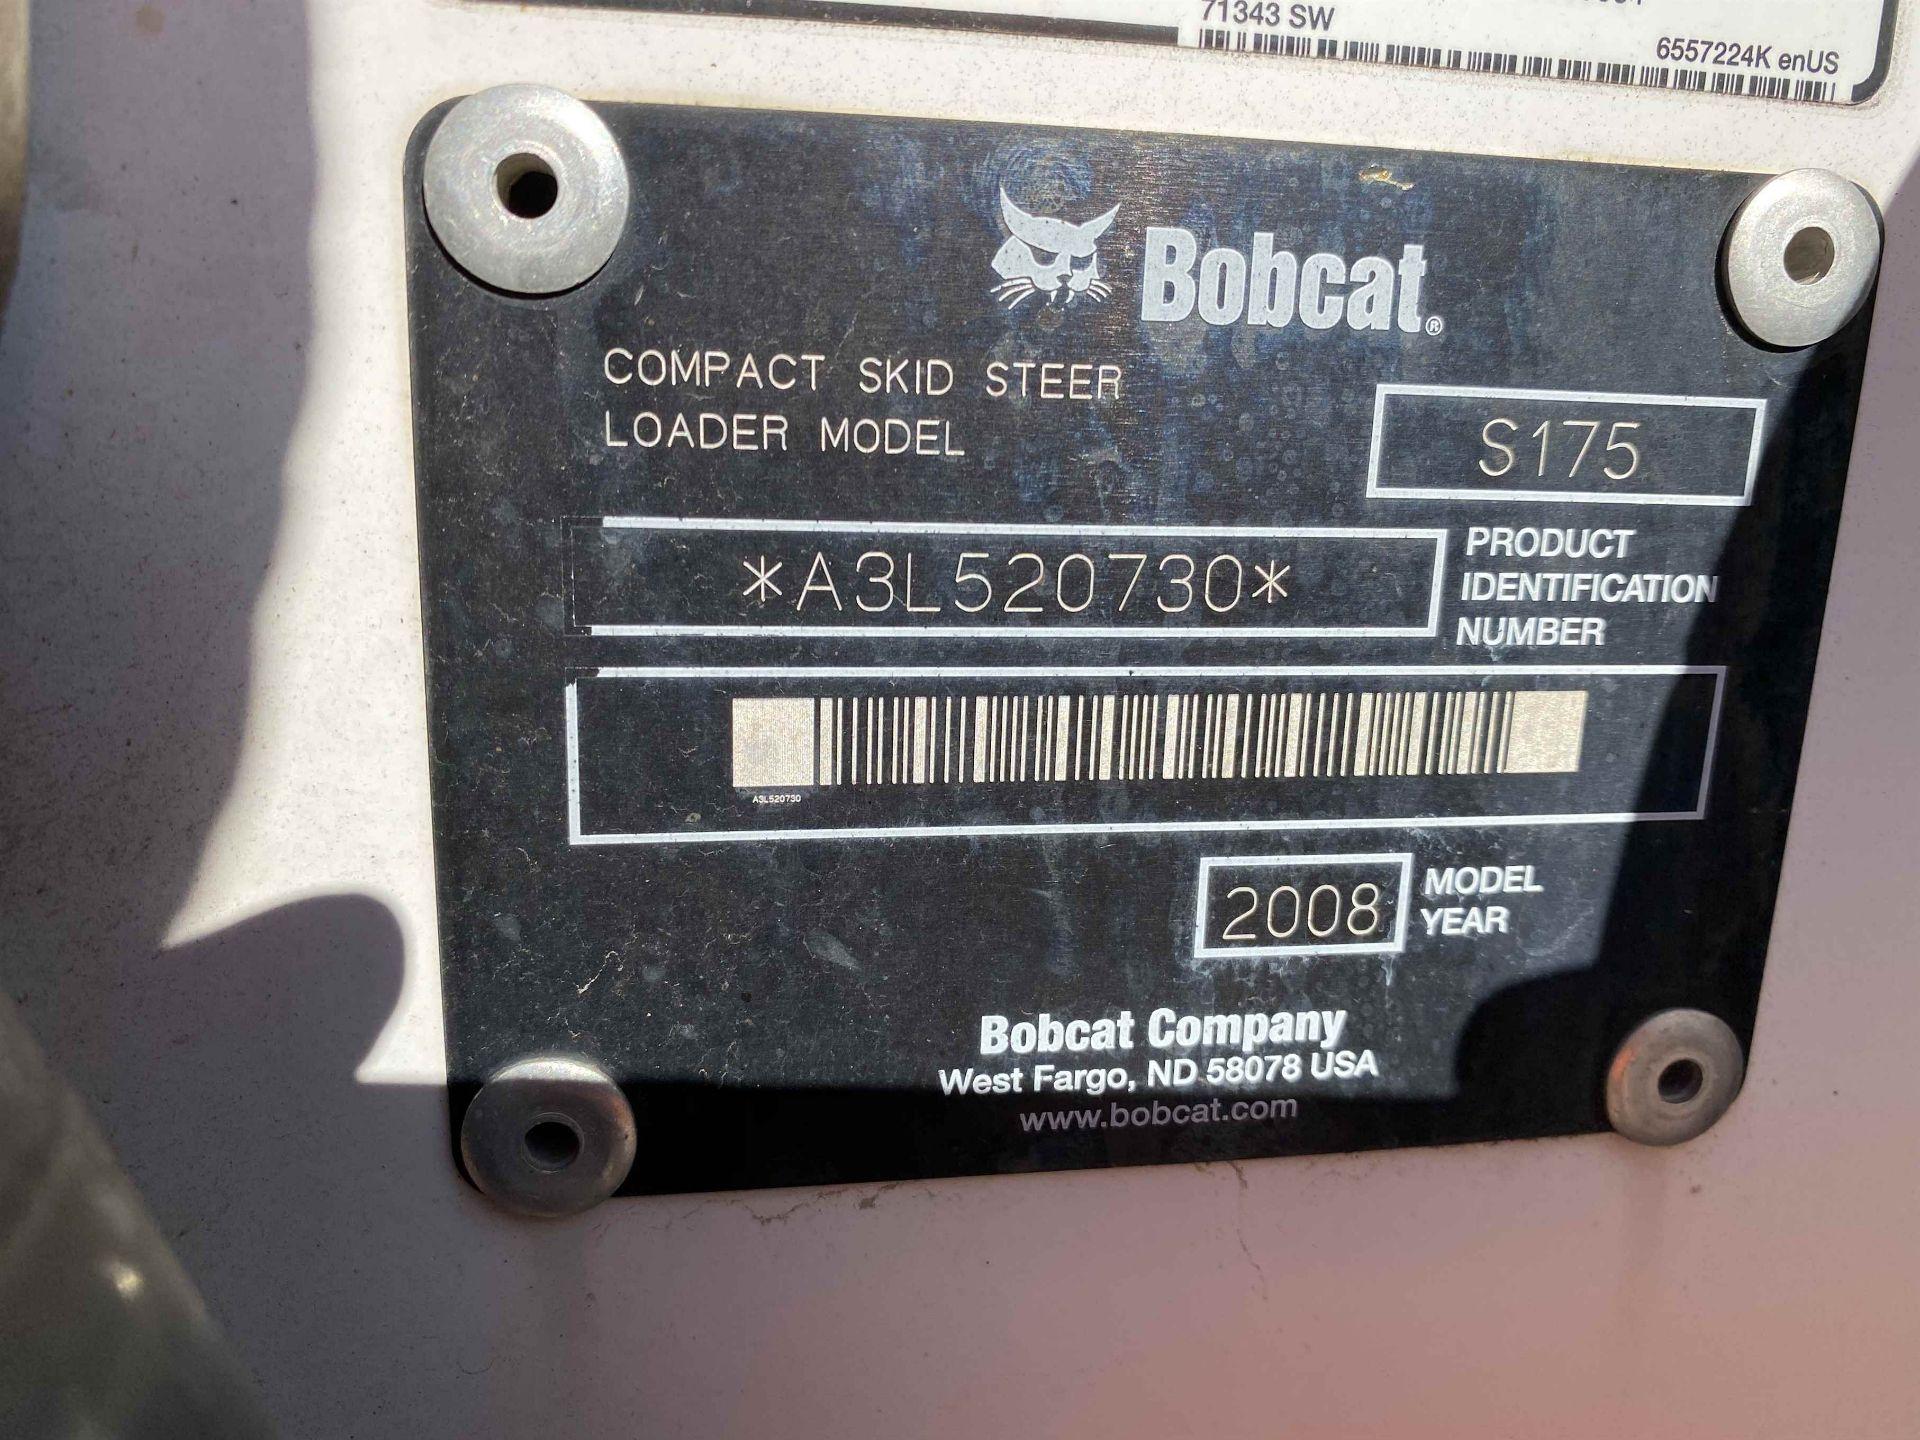 2008 BOBCAT S175 Compact Skid Steer Loader, s/n A3L52070 - Image 6 of 6